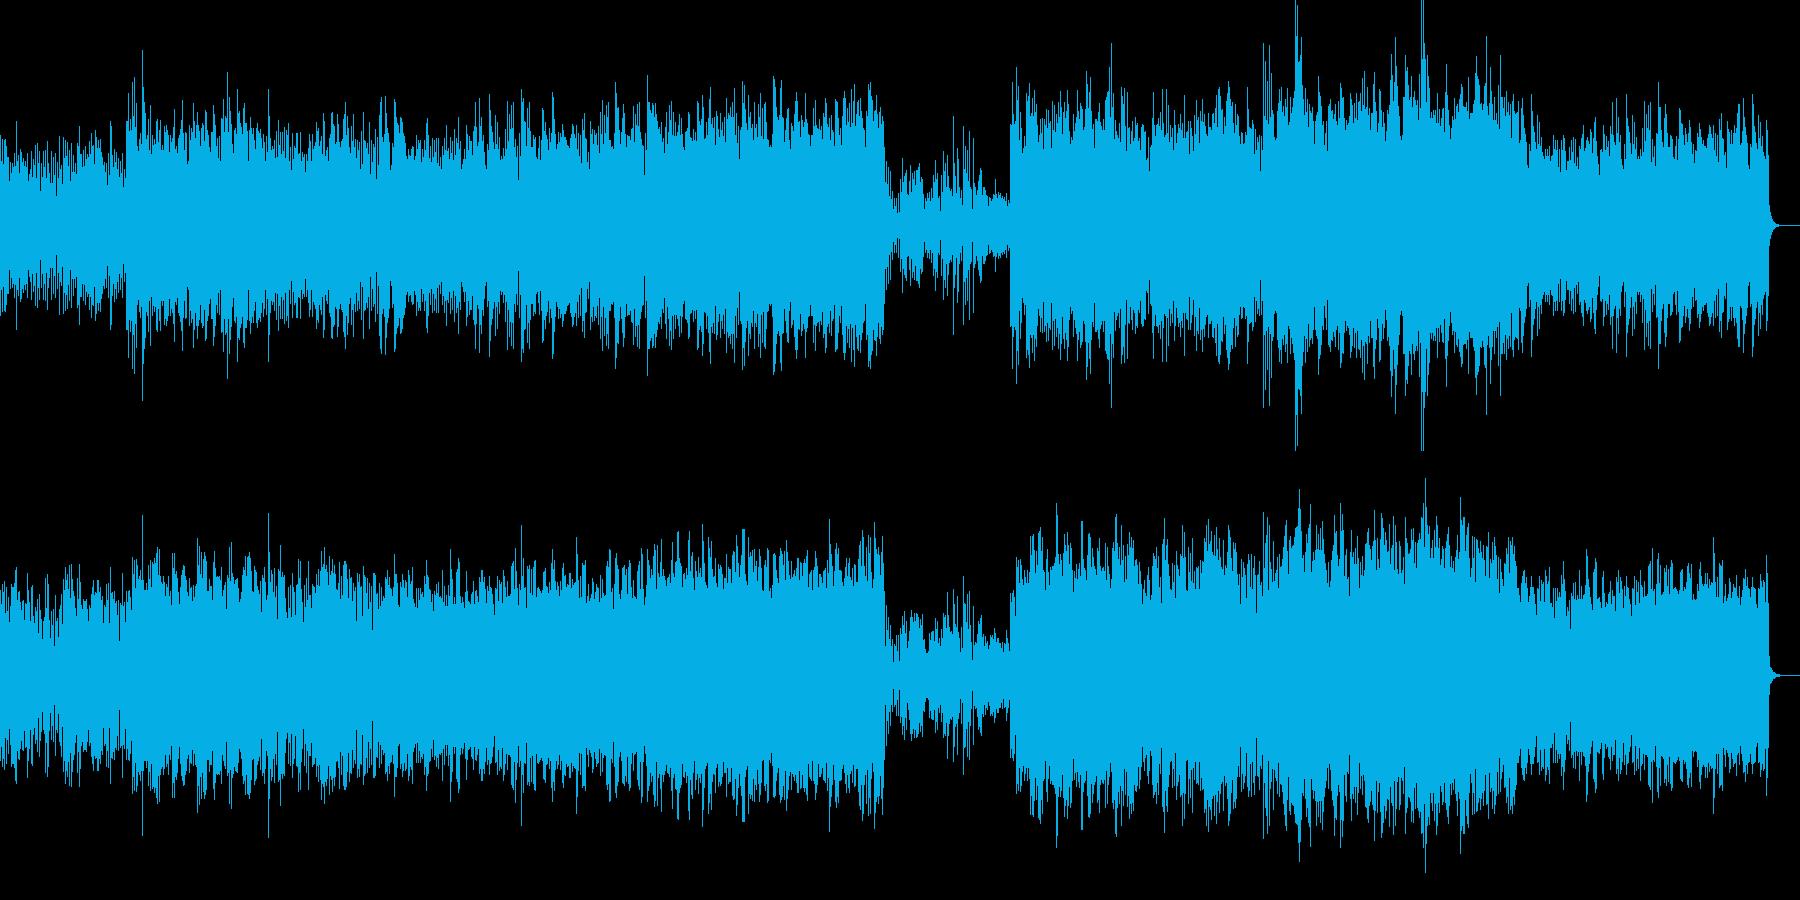 渓流のせせらぎをイメージしたピアノ曲ですの再生済みの波形